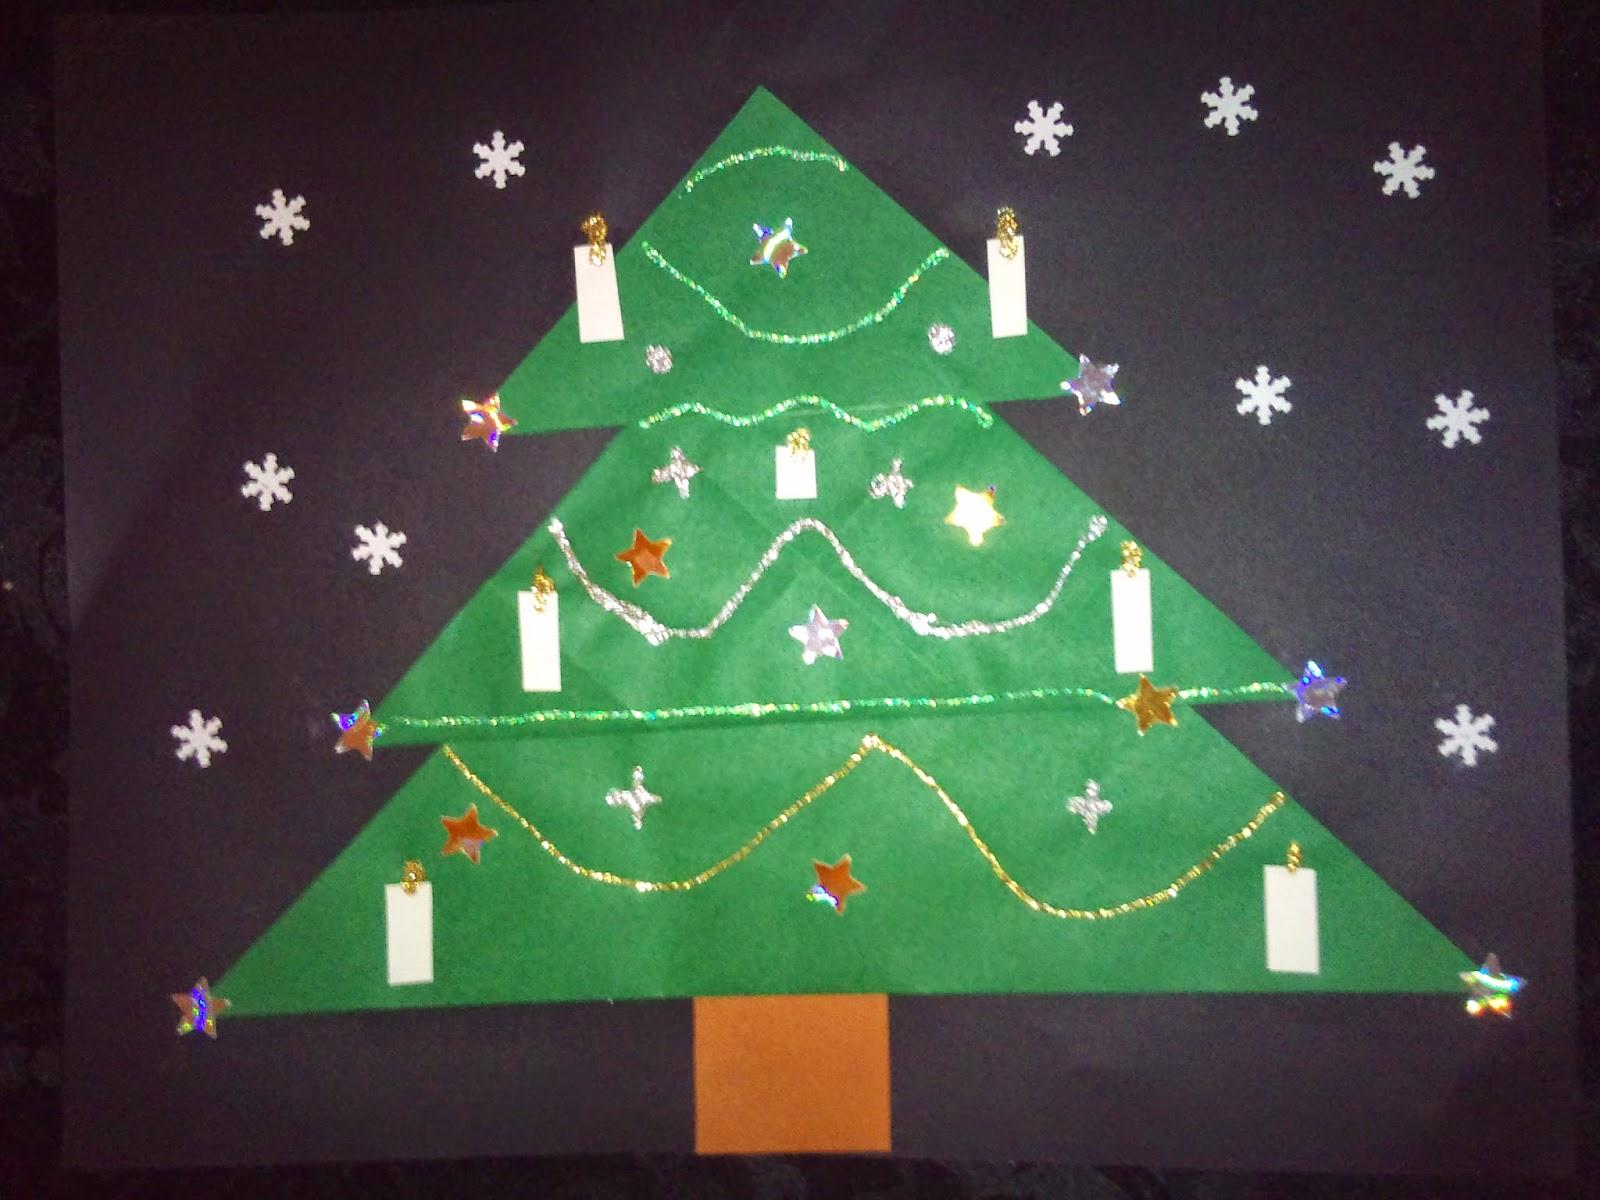 Miranda S Lesmaterialen Kerst Knutselactiviteiten Groep